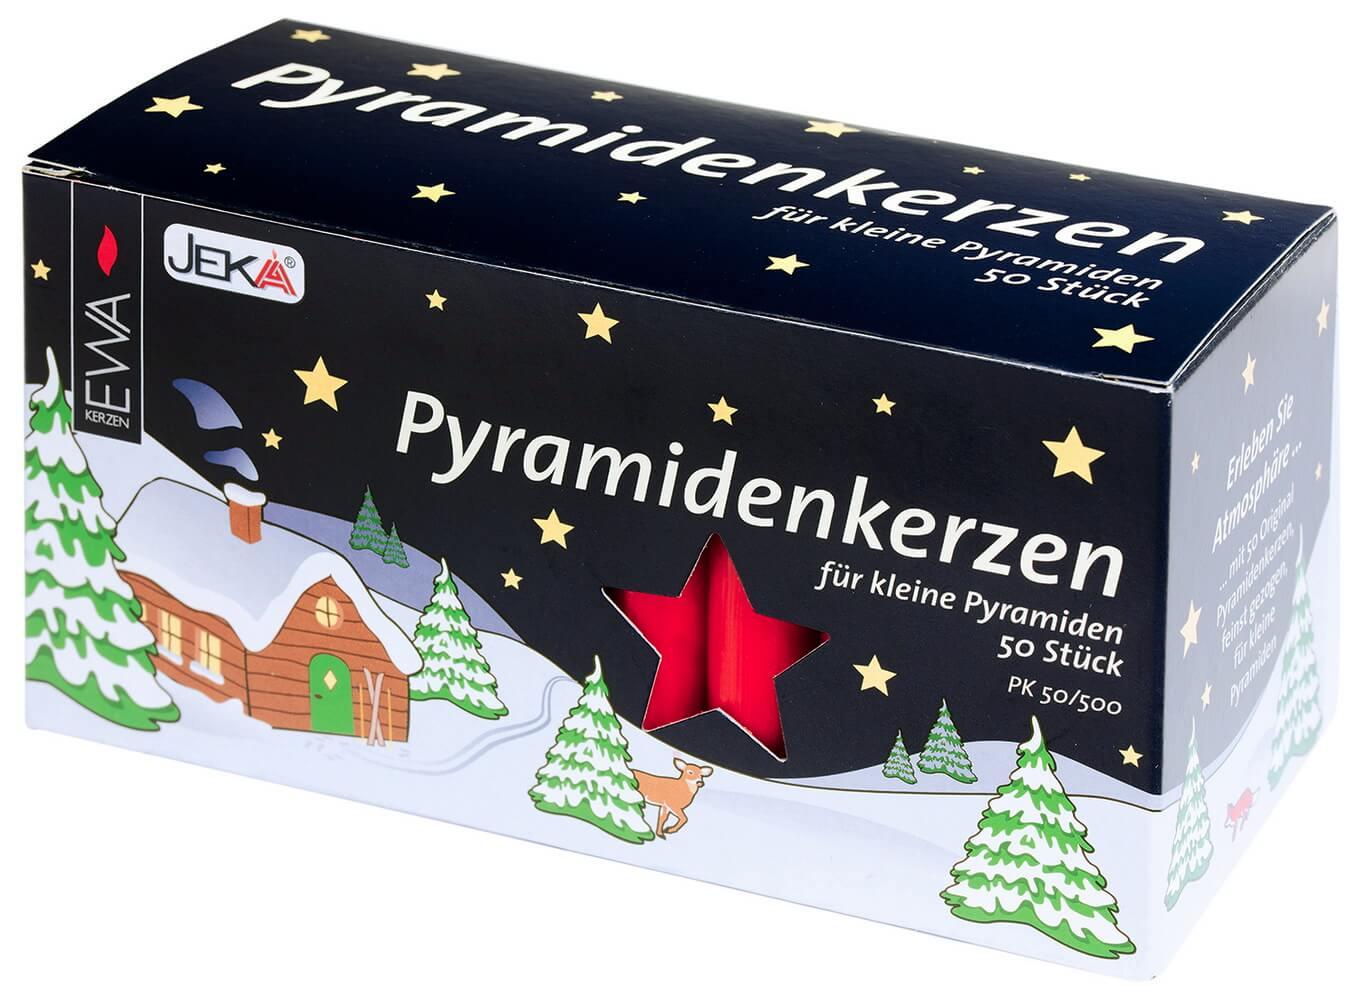 EWA Pyramidenkerzen 50 Stück, rotfür Weihnachtspyramiden